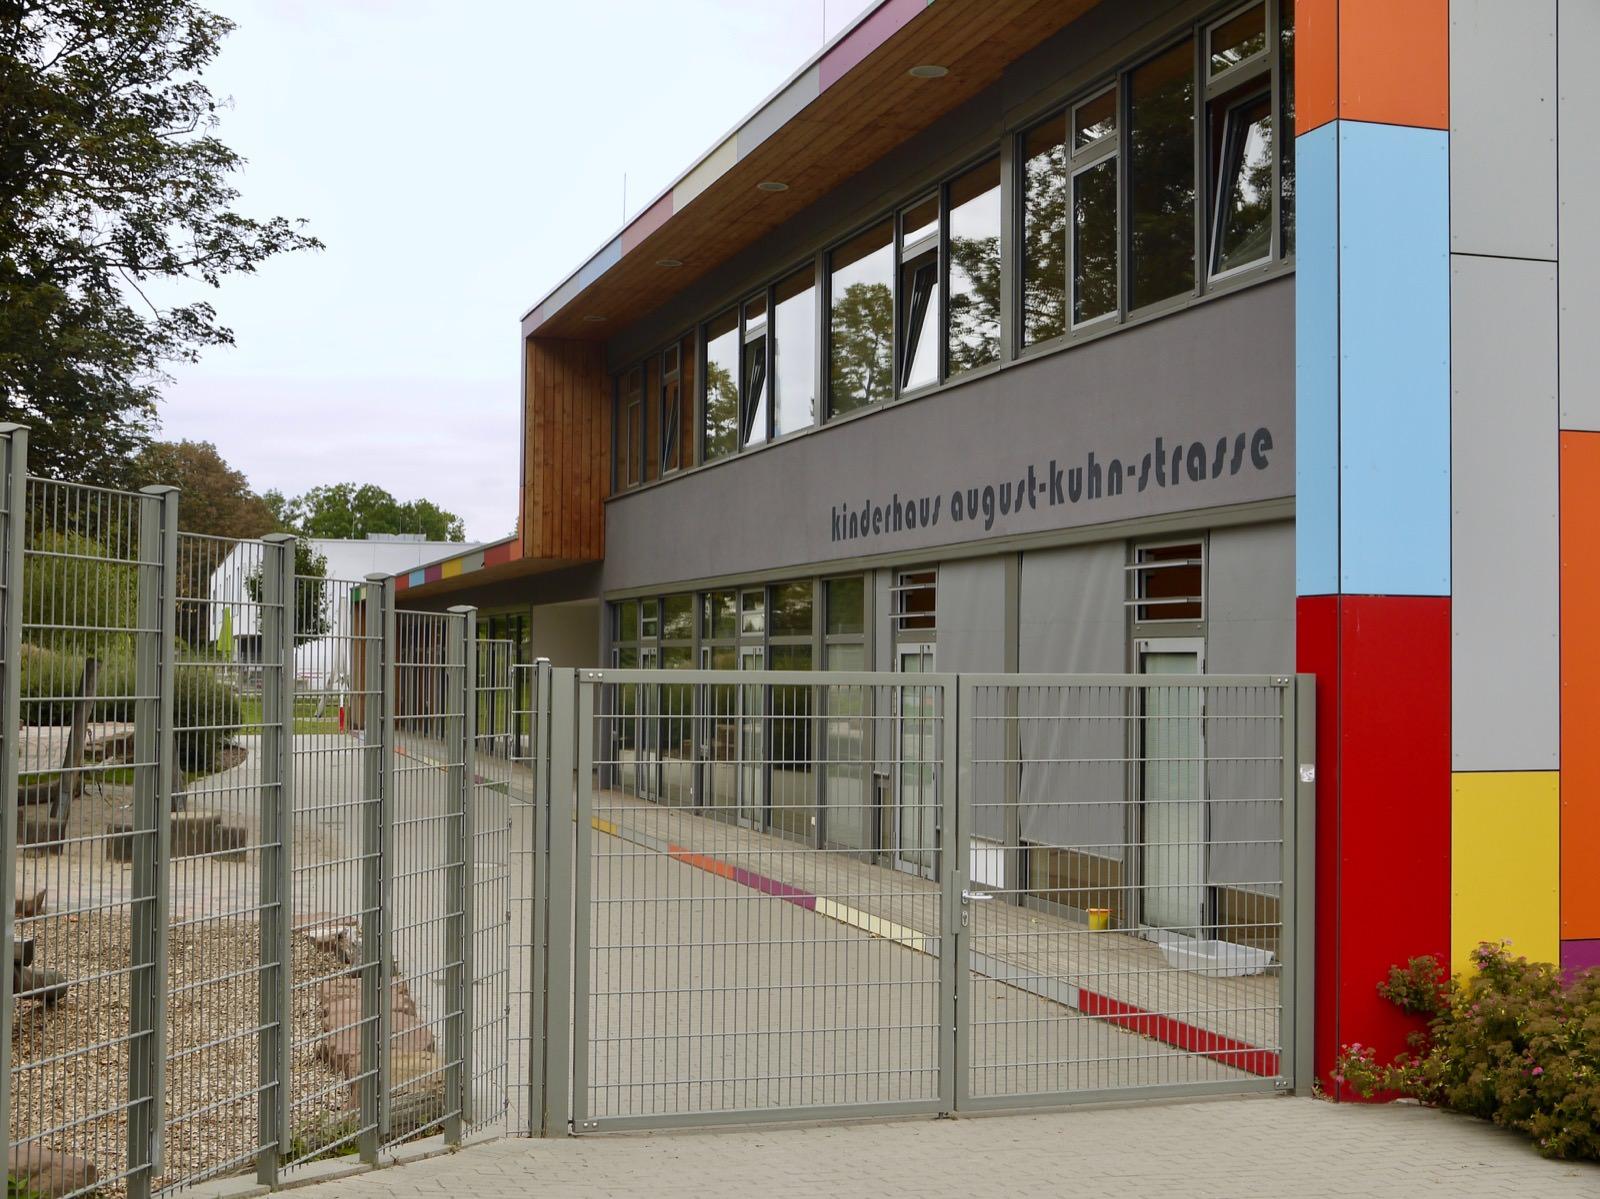 Die verhangenen Fenster des Kinderhauses August-Kuhn-Straße geben den Blick ins Innere nicht preis | Foto: M. Schülke